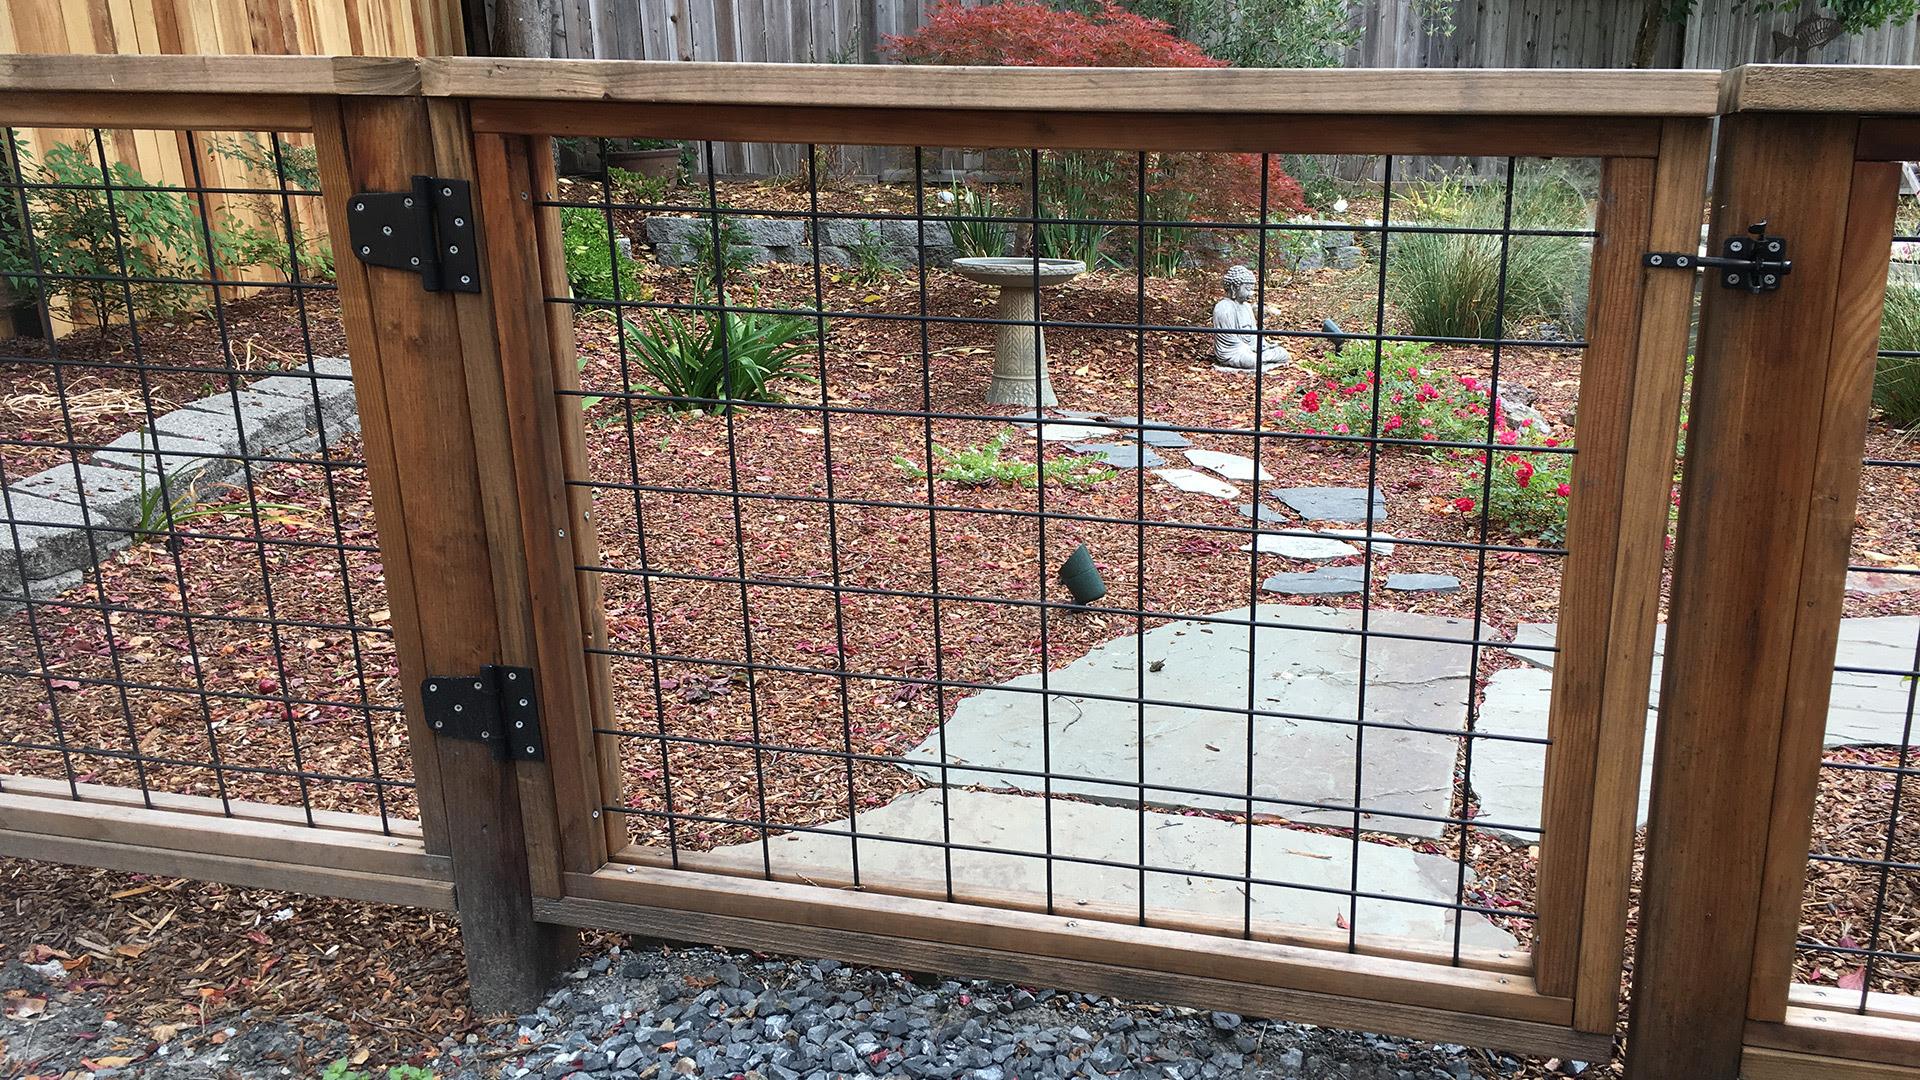 Arbor Design, Deck Construction, Fence Building - Details ...